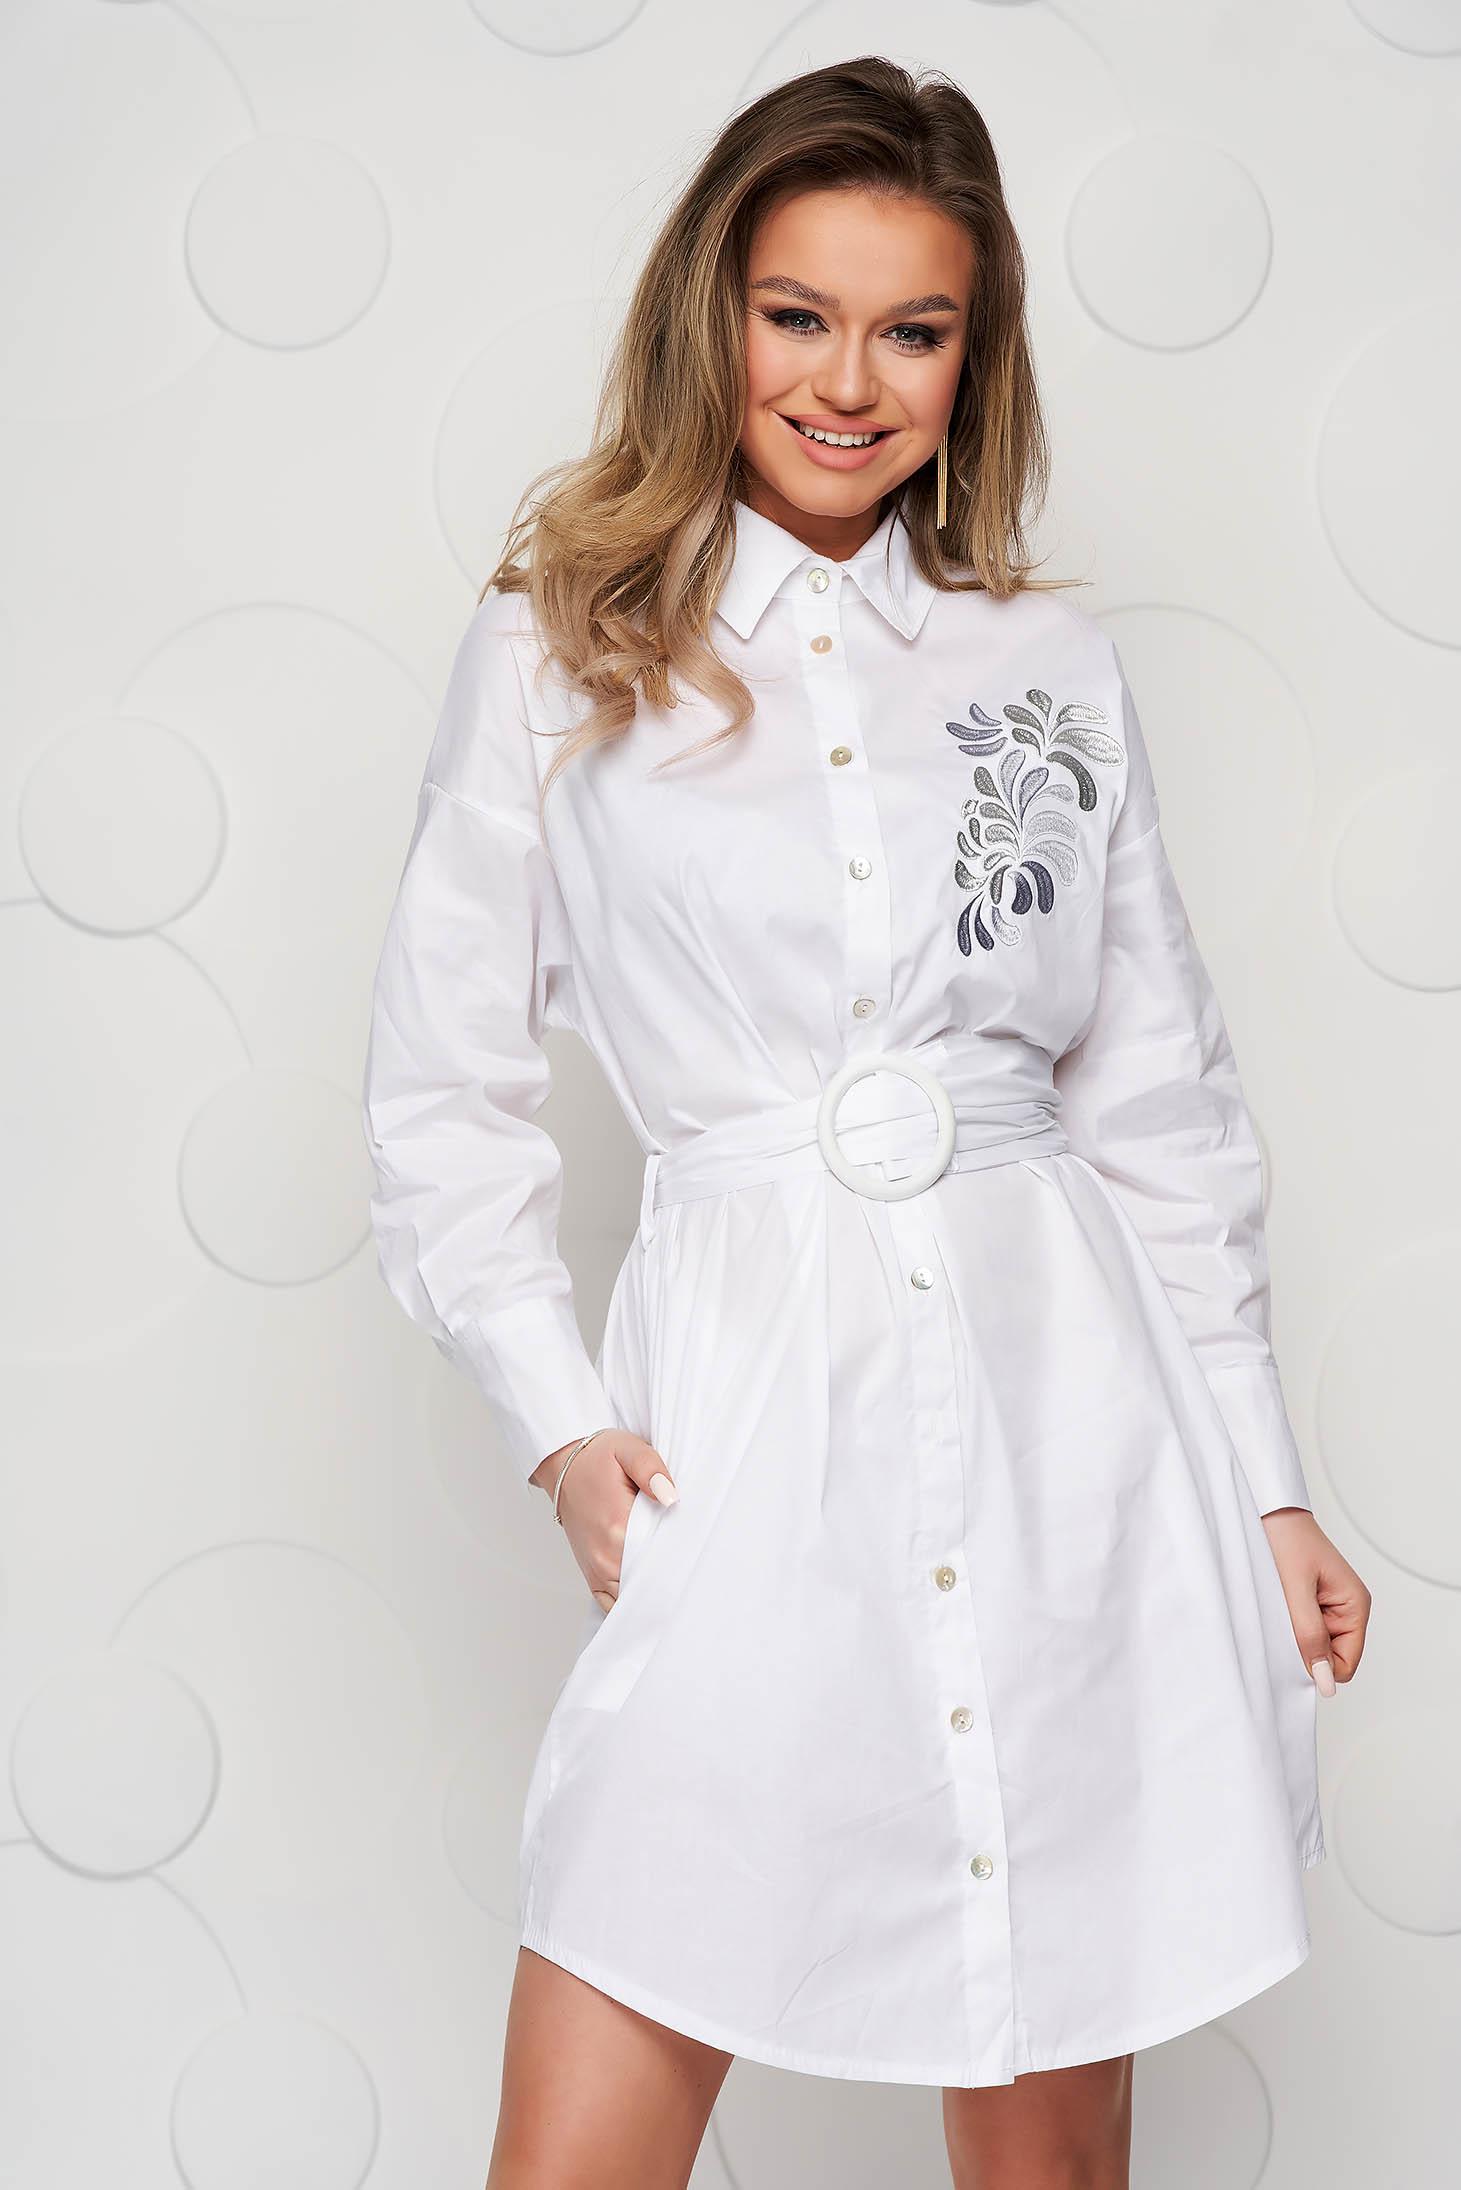 Fehér ruha vékony szövetből öv típusú kiegészítővel hímzett